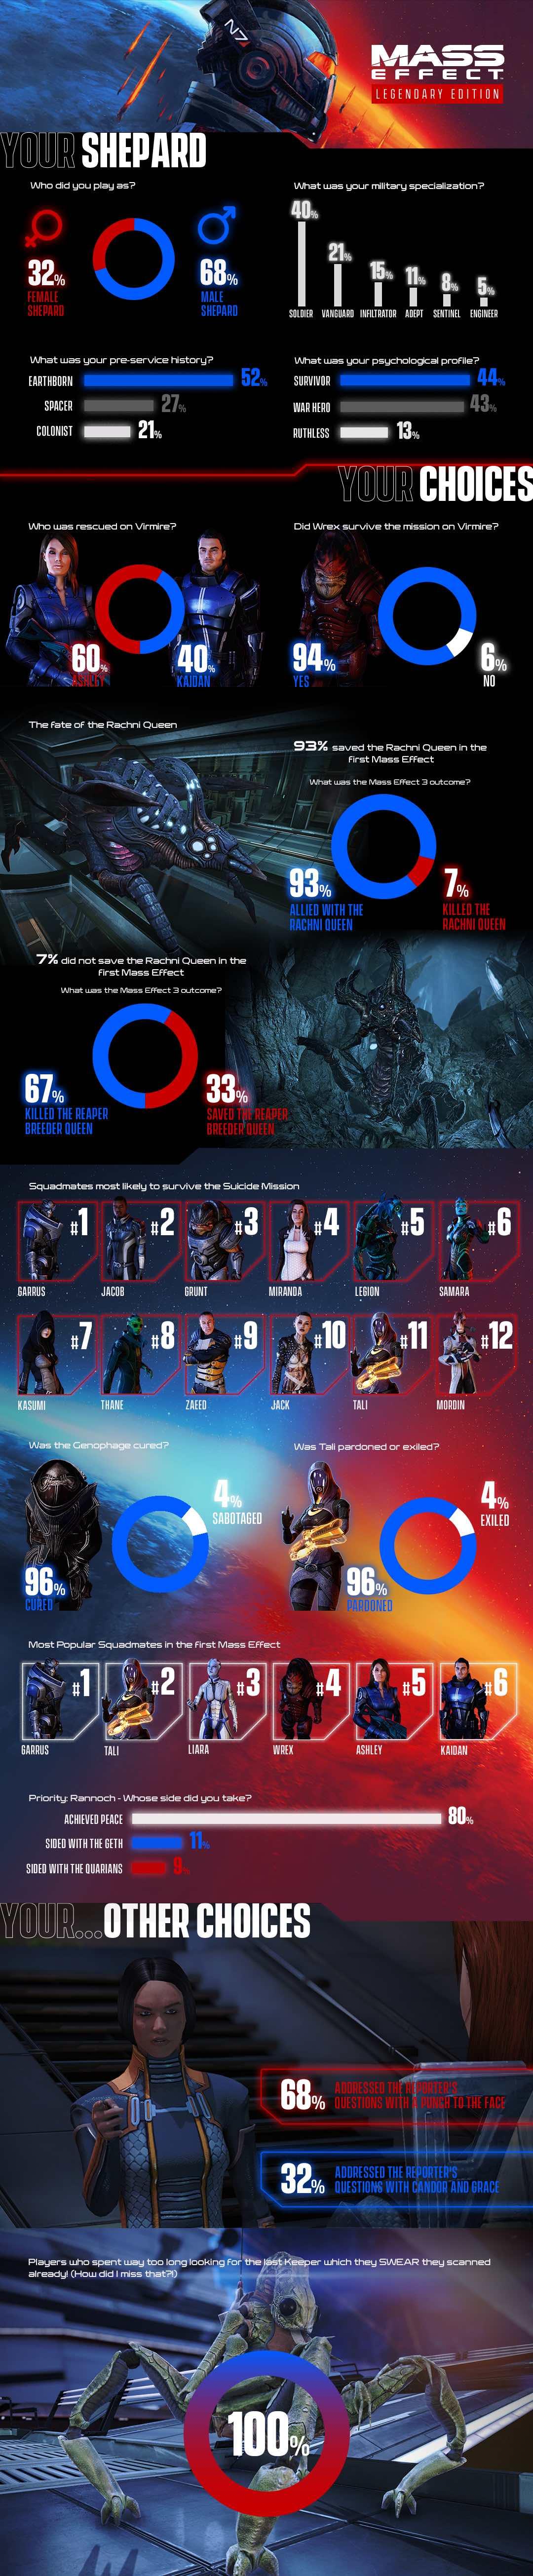 Mass Effect Legendary Edition - Il tuo Shepard, le tue scelte